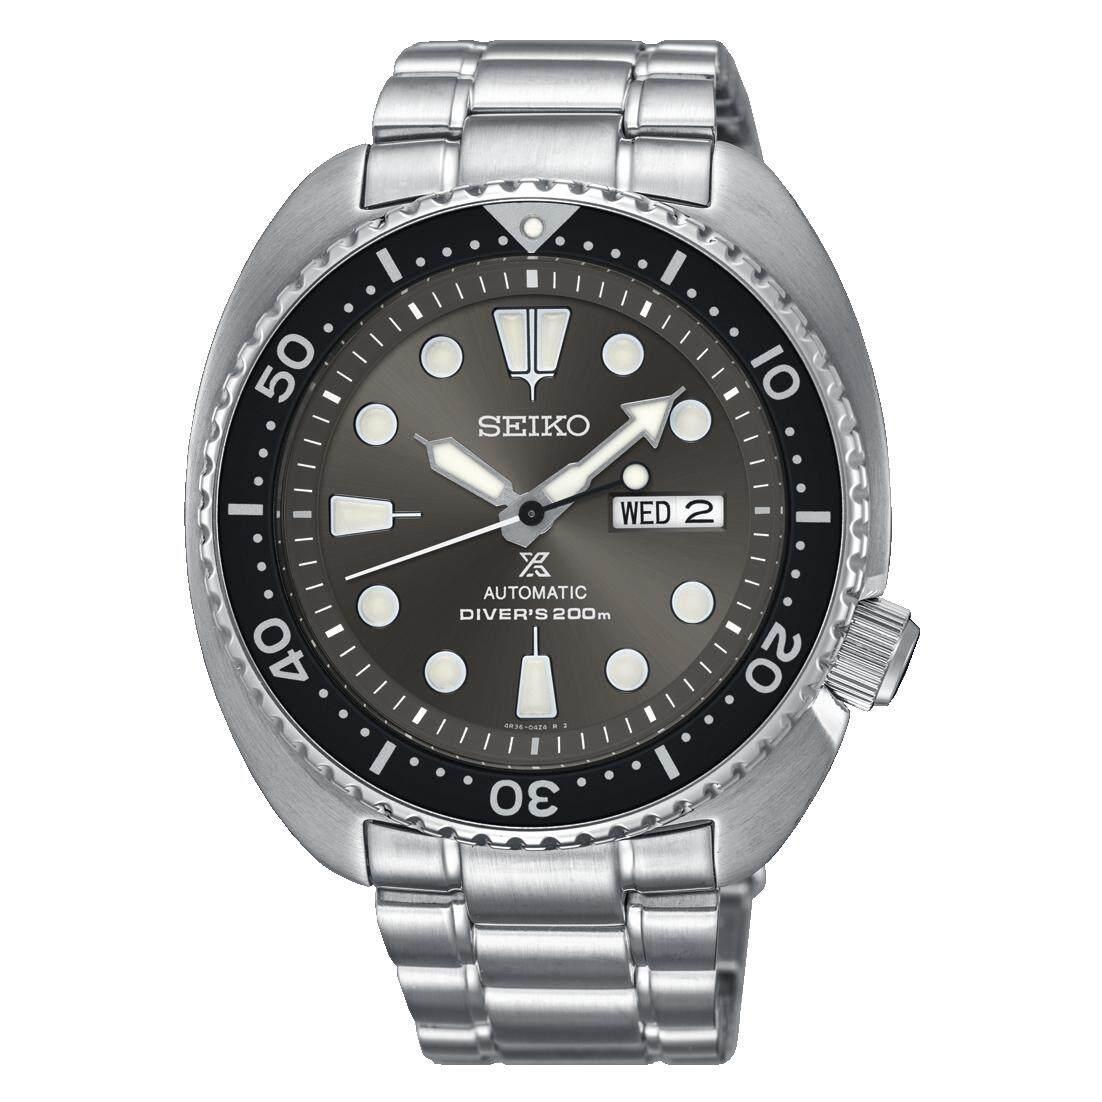 ยี่ห้อไหนดี  สงขลา นาฬิกาไซโก้ Seiko SRPC23 Prospex Turtle SRPC23K SRPC23K1